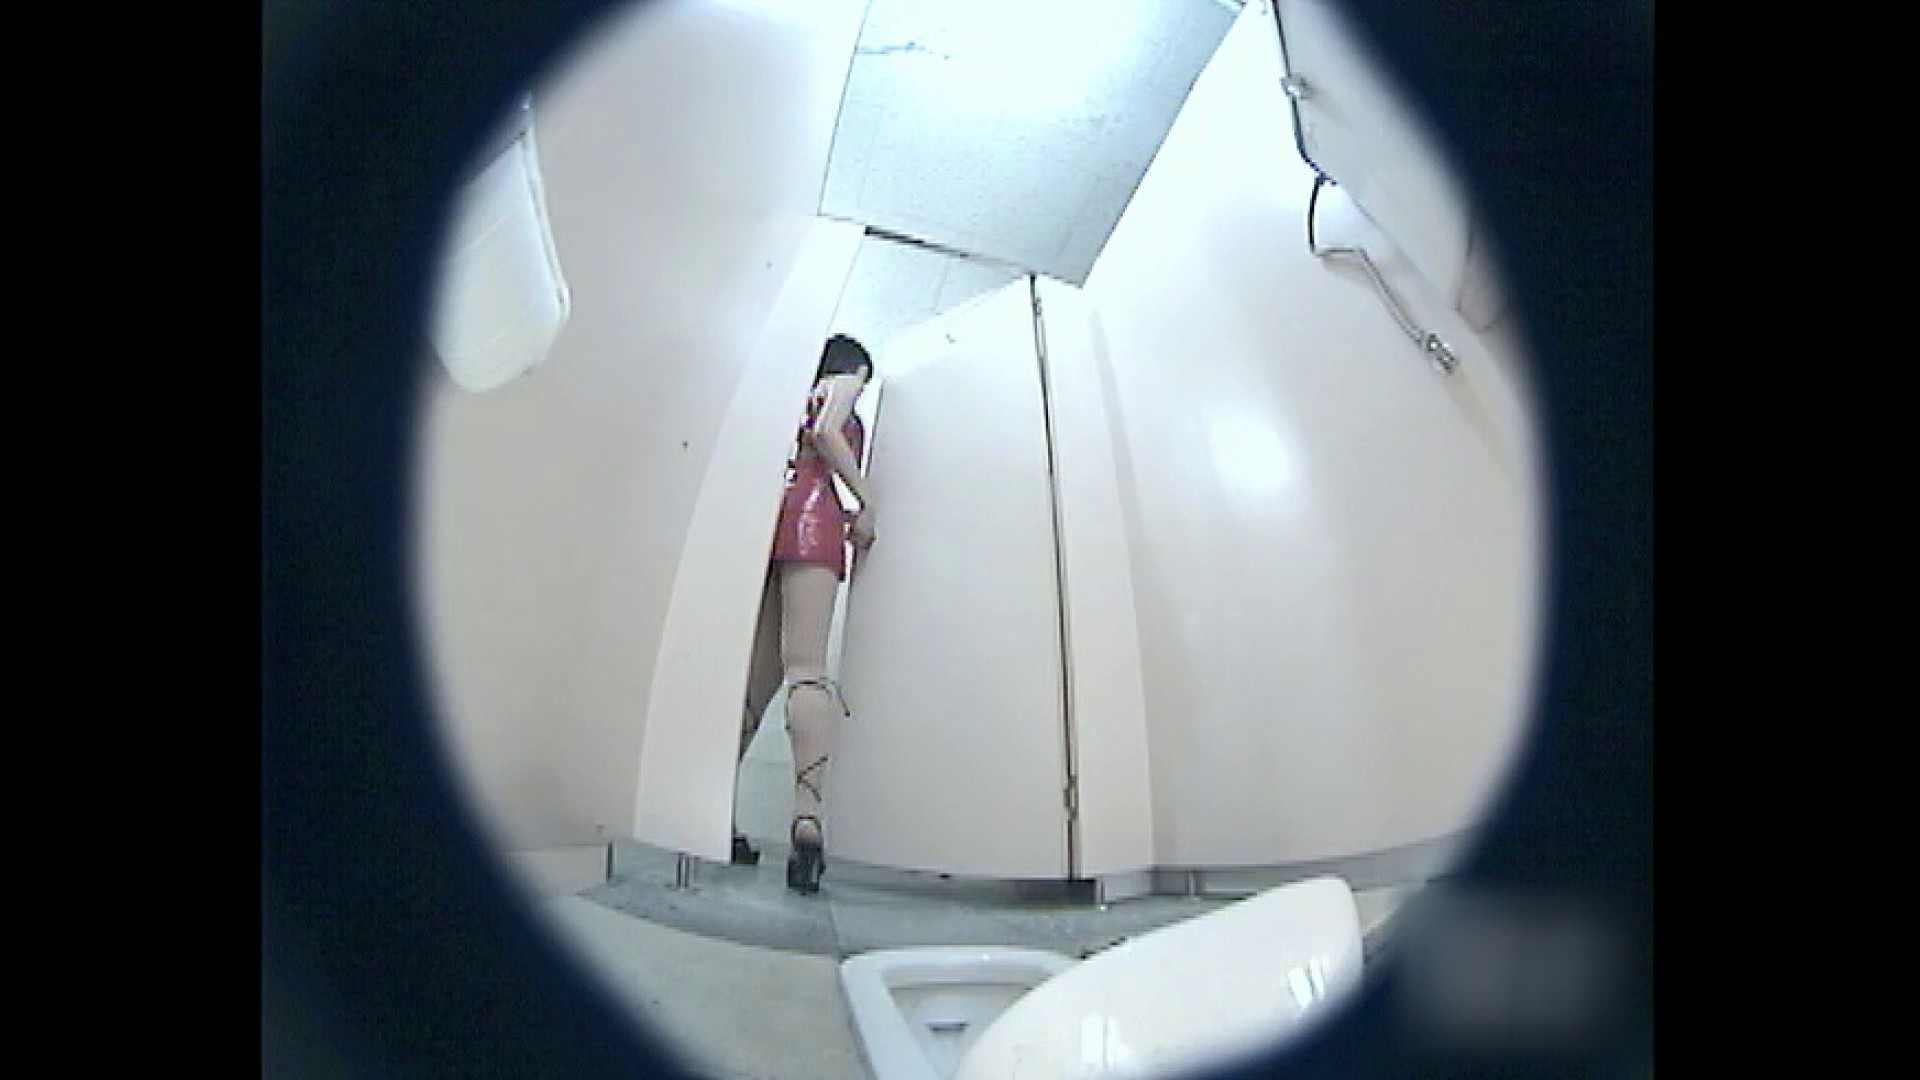 レースクィーントイレ盗撮!Vol.03 マンコ   オマンコ  87pic 62